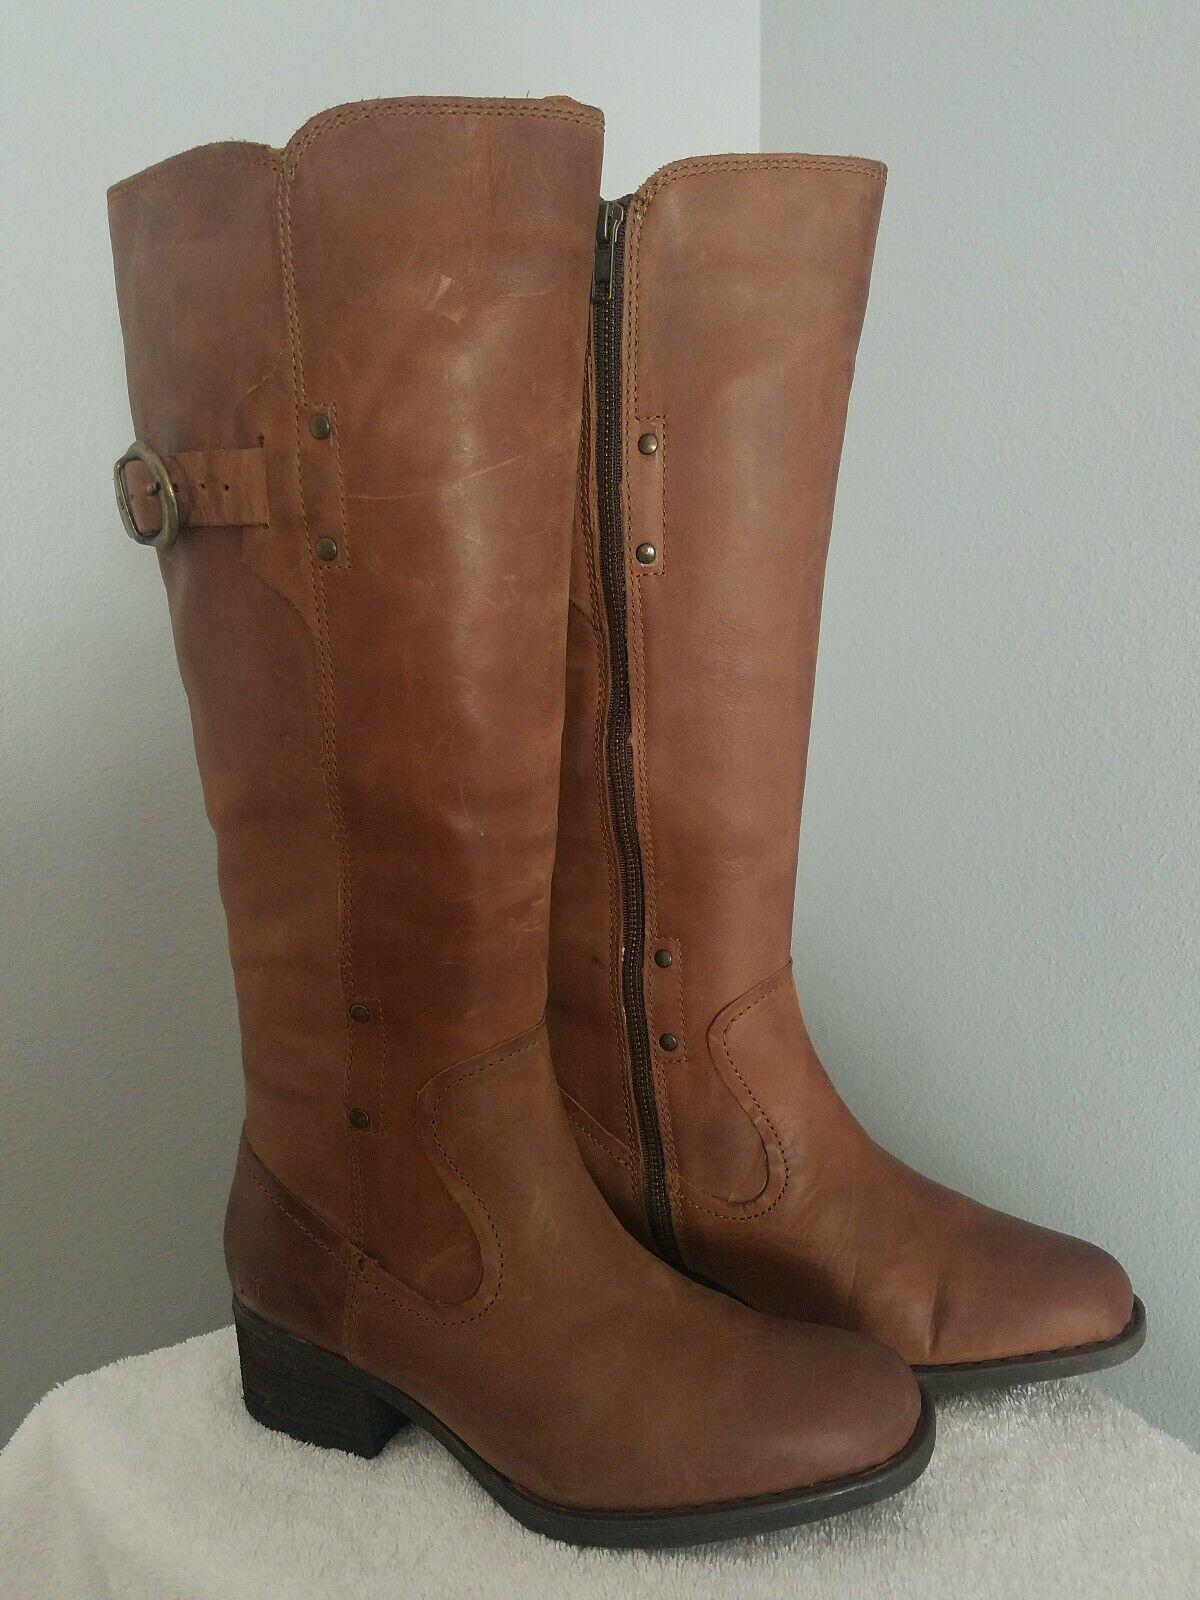 nessun minimo Born F53441 Mercado Lt Marrone Marrone Marrone Leather stivali 7.5M  risparmia fino al 50%